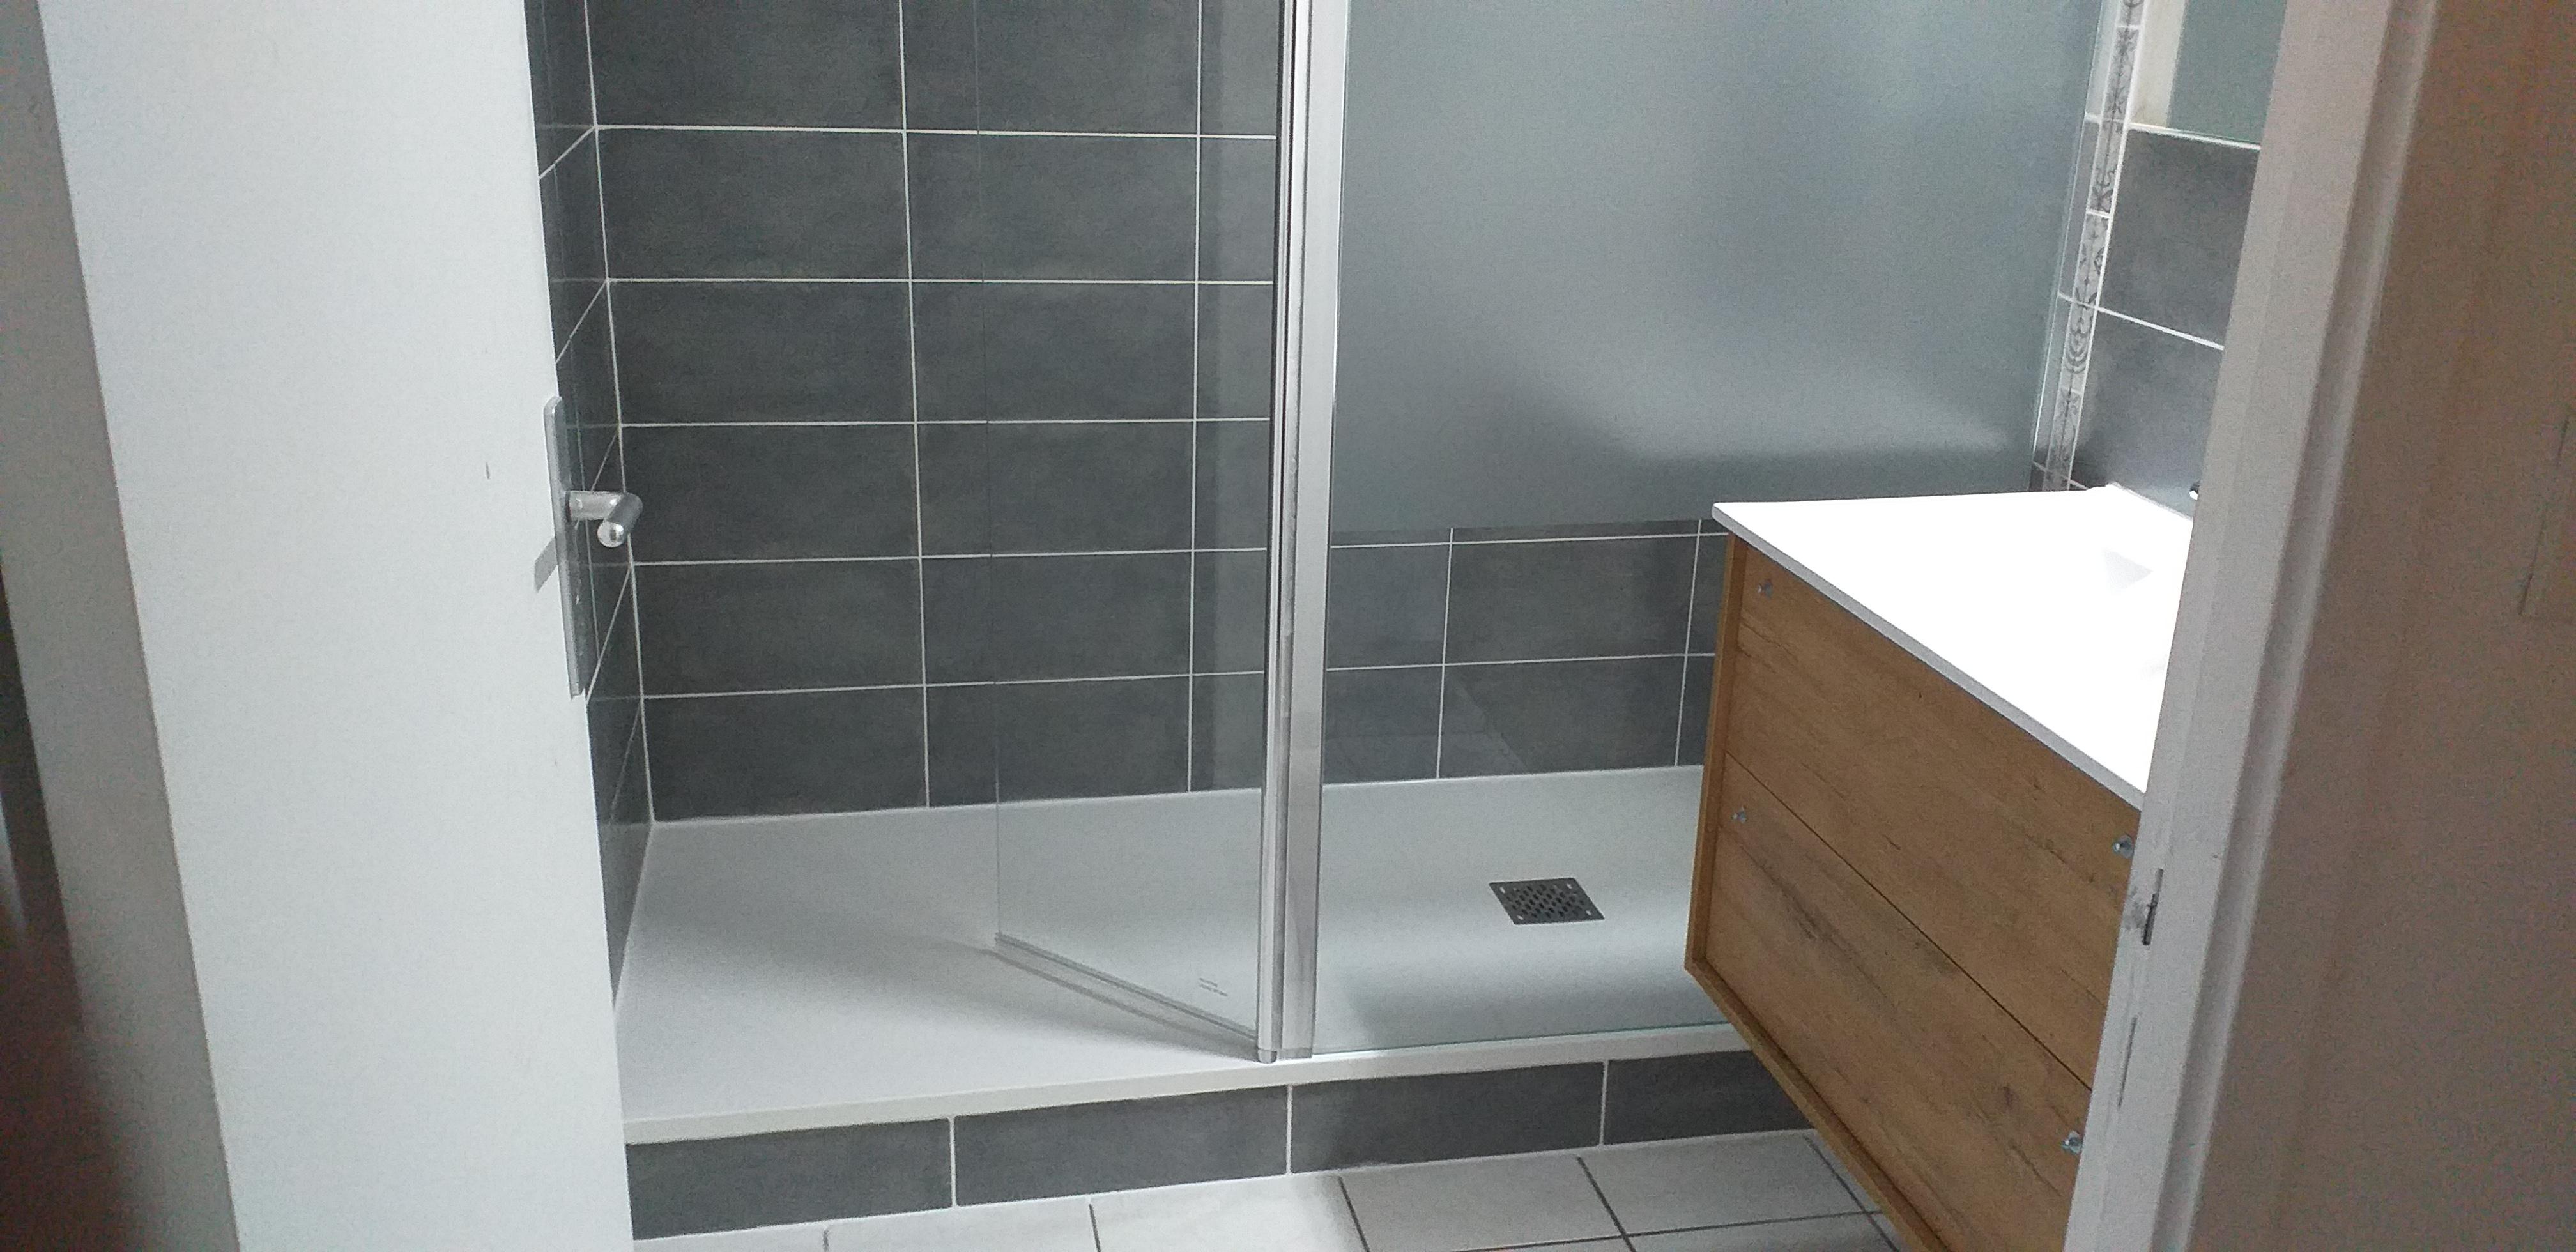 la montagne: rénovation de salle de bains